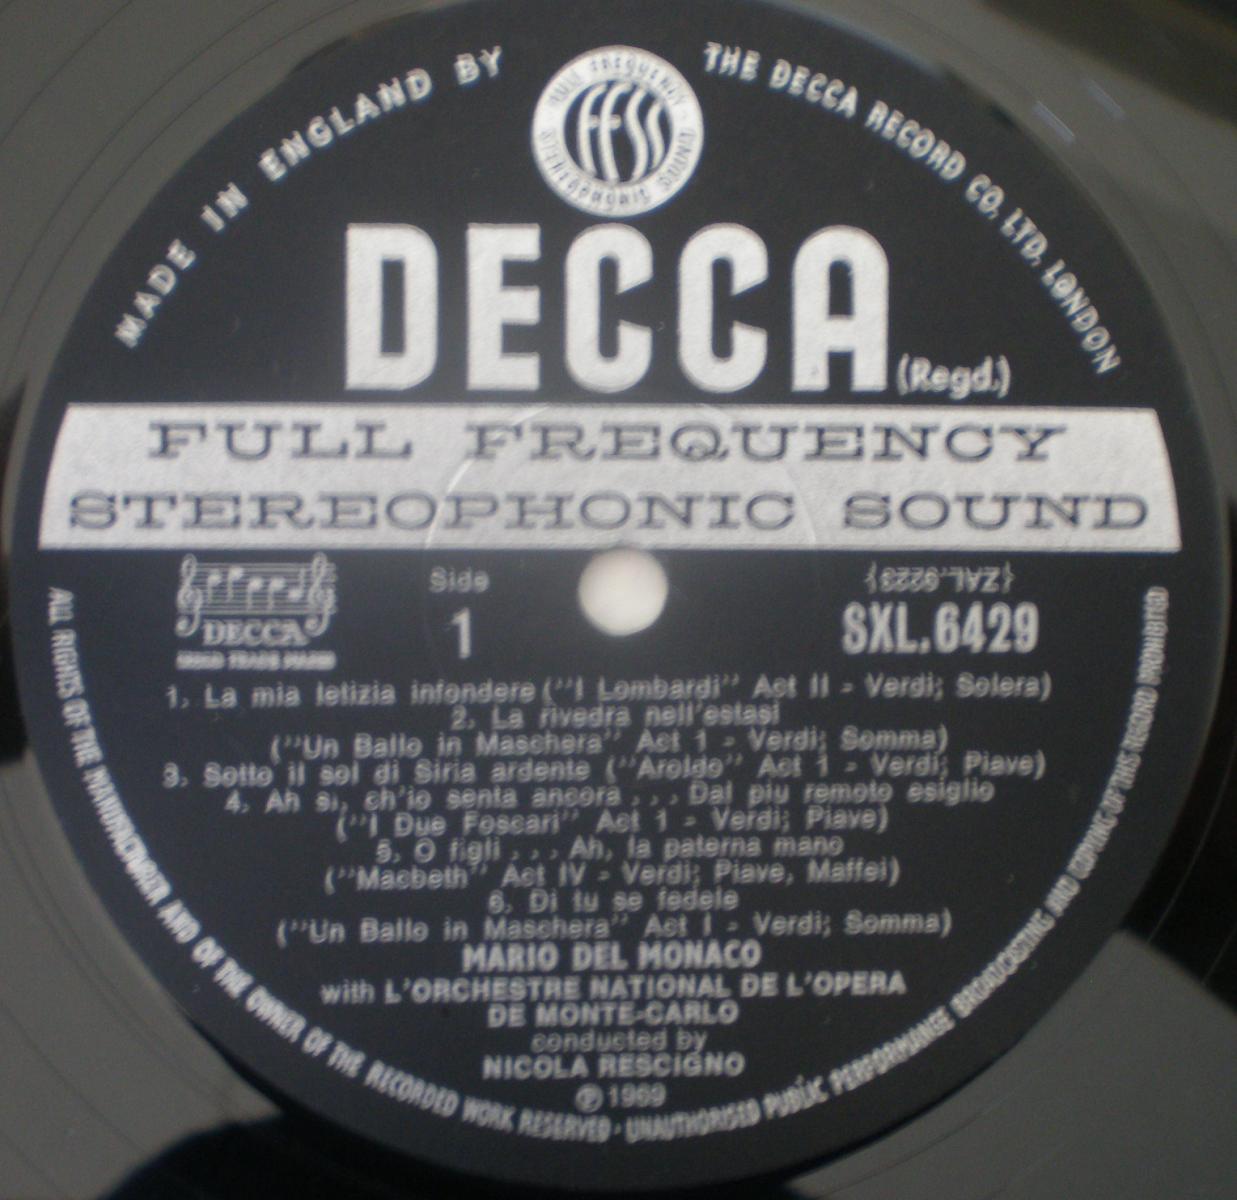 Decca Records Label Decca Records Label History hd